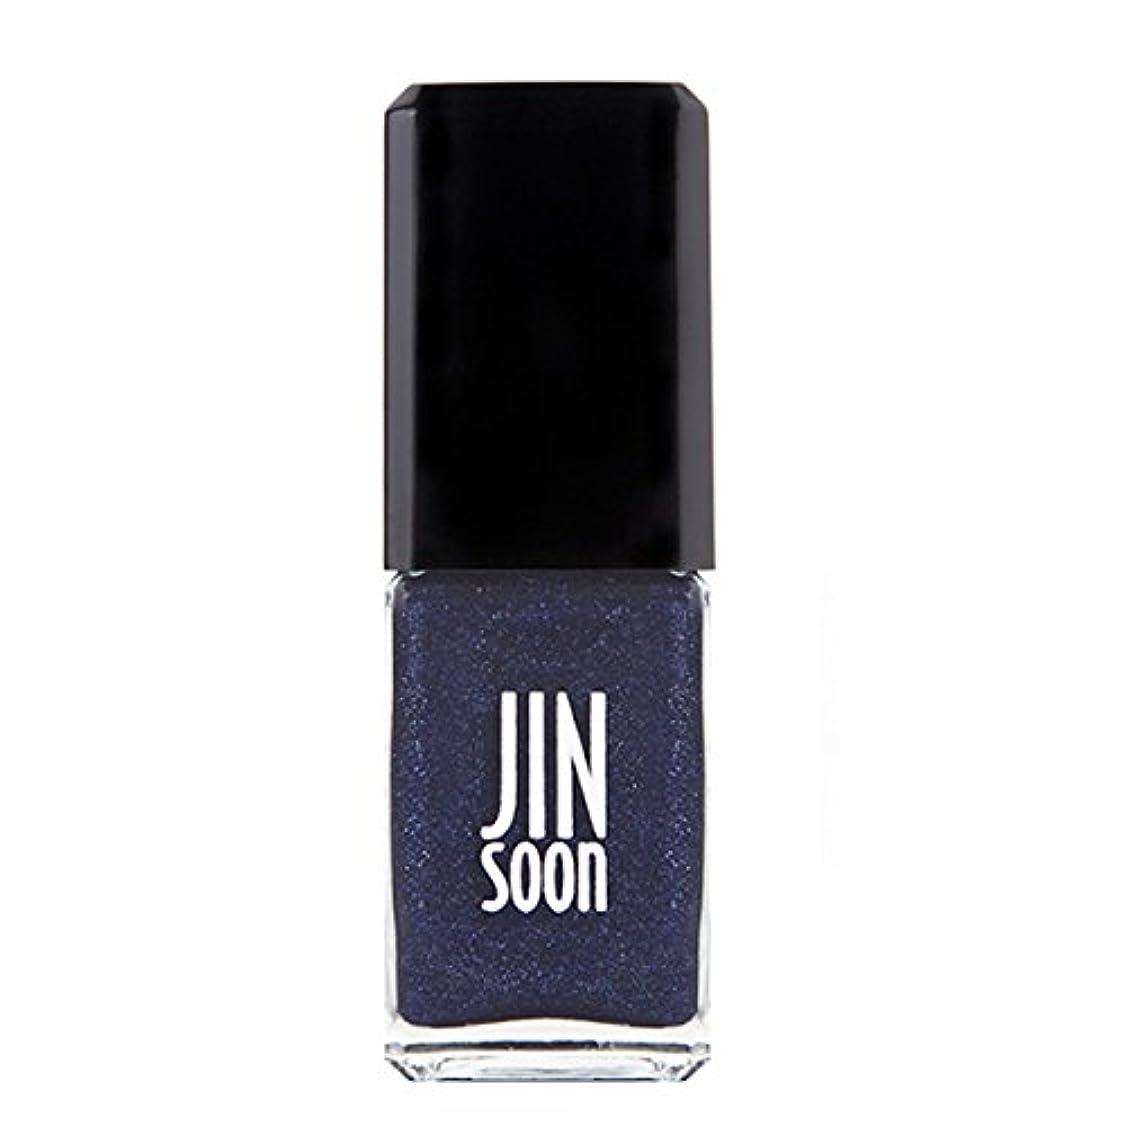 角度複製マリン[ジンスーン] [ jinsoon] アズライト(スパークリング ミッドナイト ブルー)AZURITE ジンスーン 5フリー ネイルポリッシュ ブルー 11mL